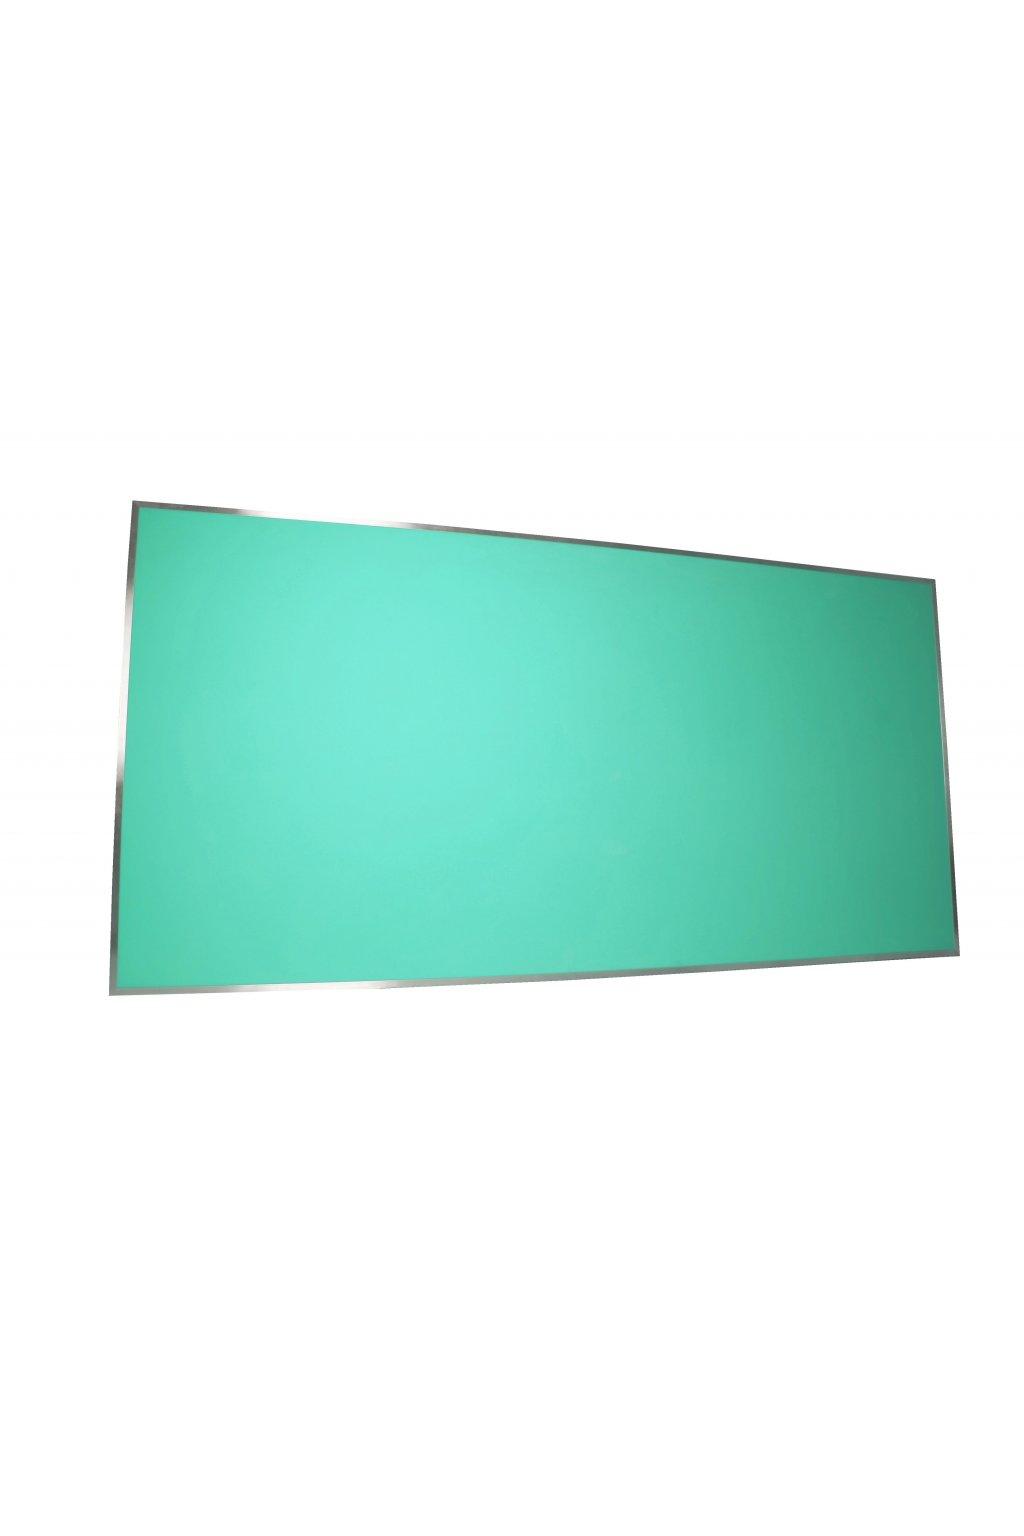 Pěnová nástěnka s hliníkovým rámem 200 x 100 cm